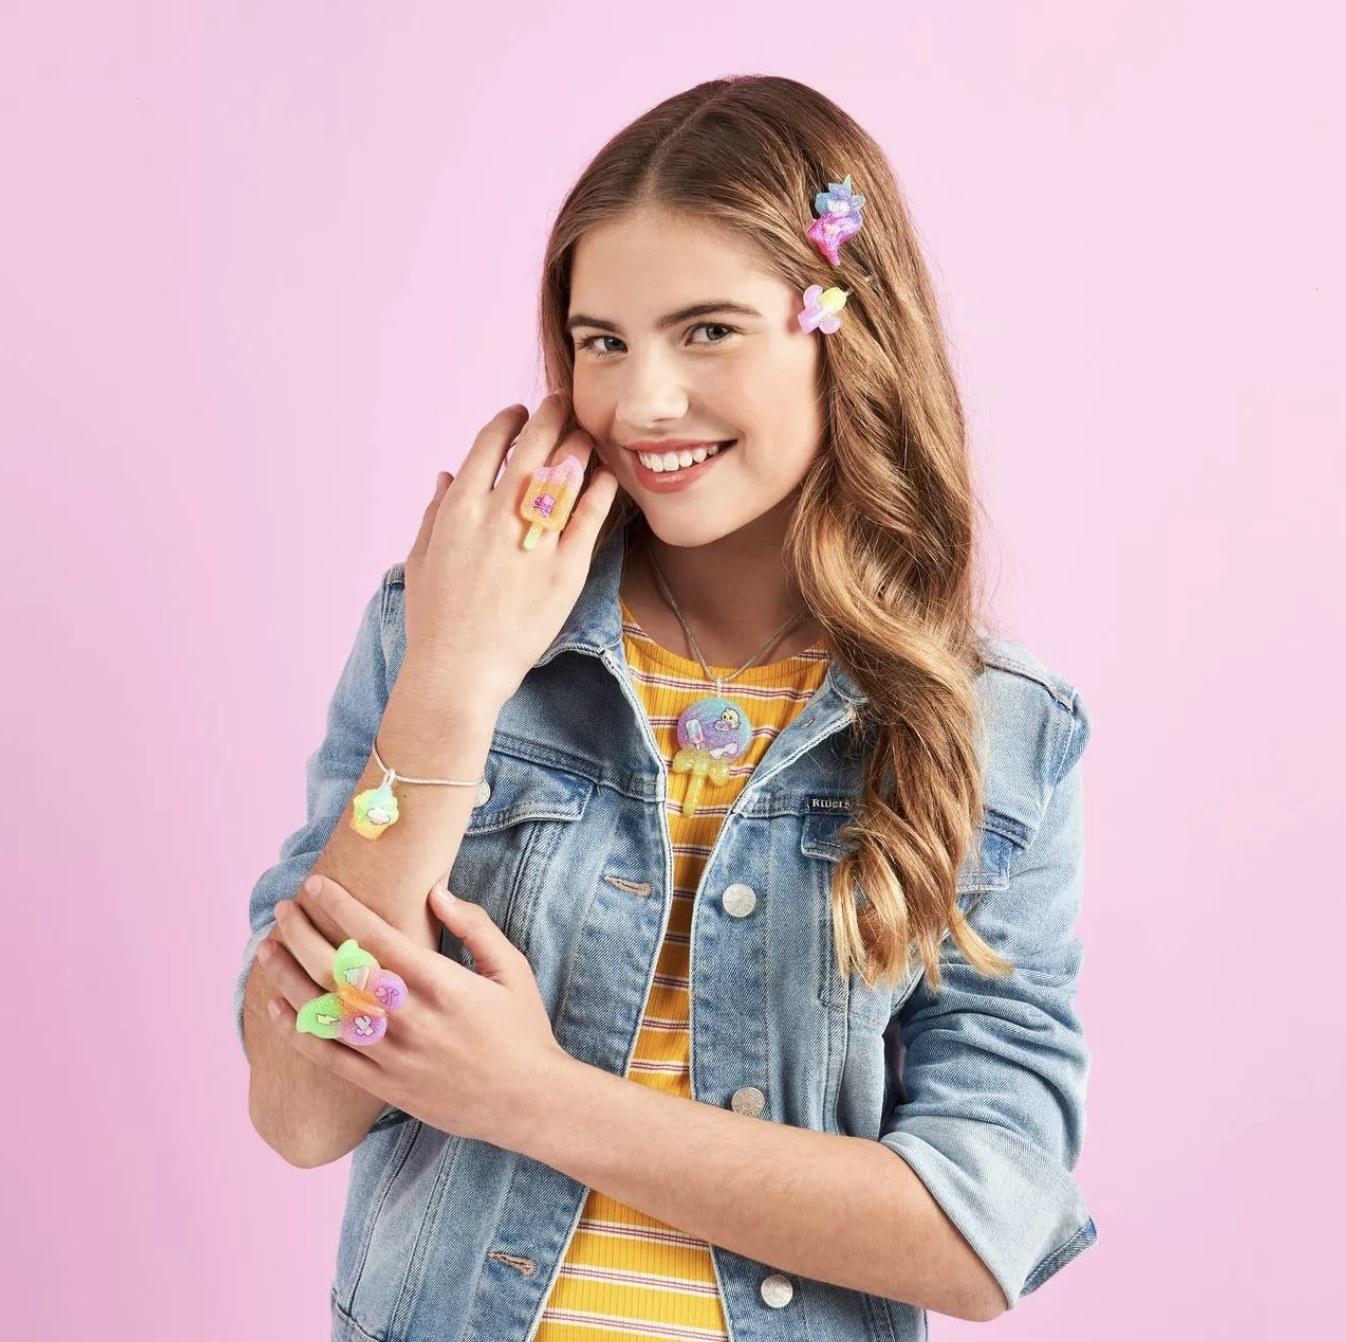 Model is wearing jelly jewelry